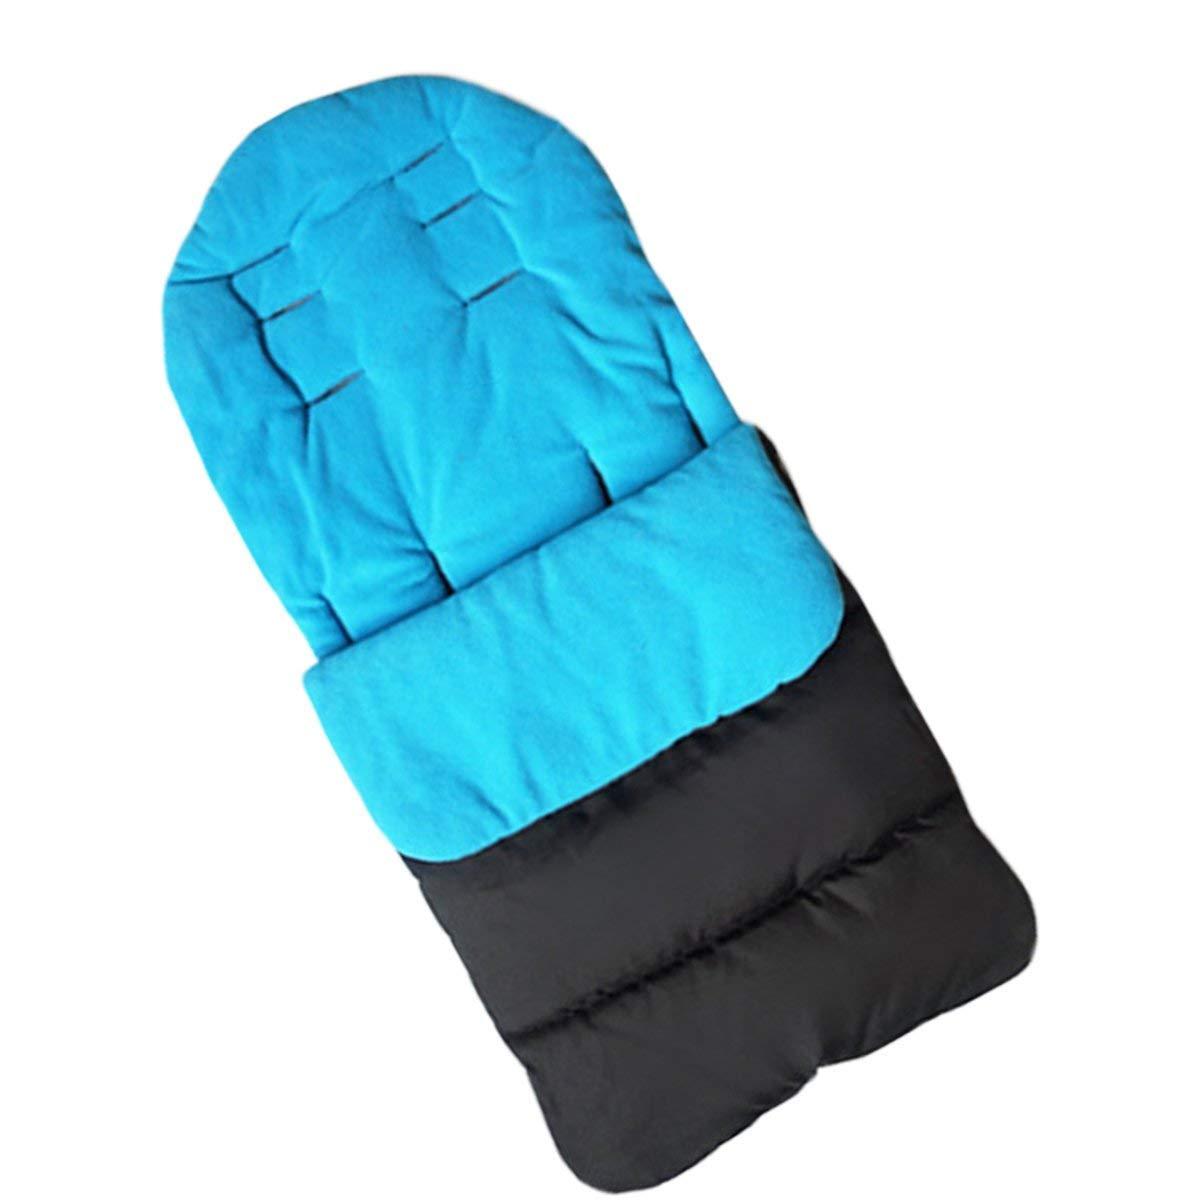 Kinderwagen Universal-Fuß sack Komfortable und warme Winterdecke Schlafsack mit winddichter Wä rme Baby-Sitzsack Baby-Wattepad, Blau CR#ST